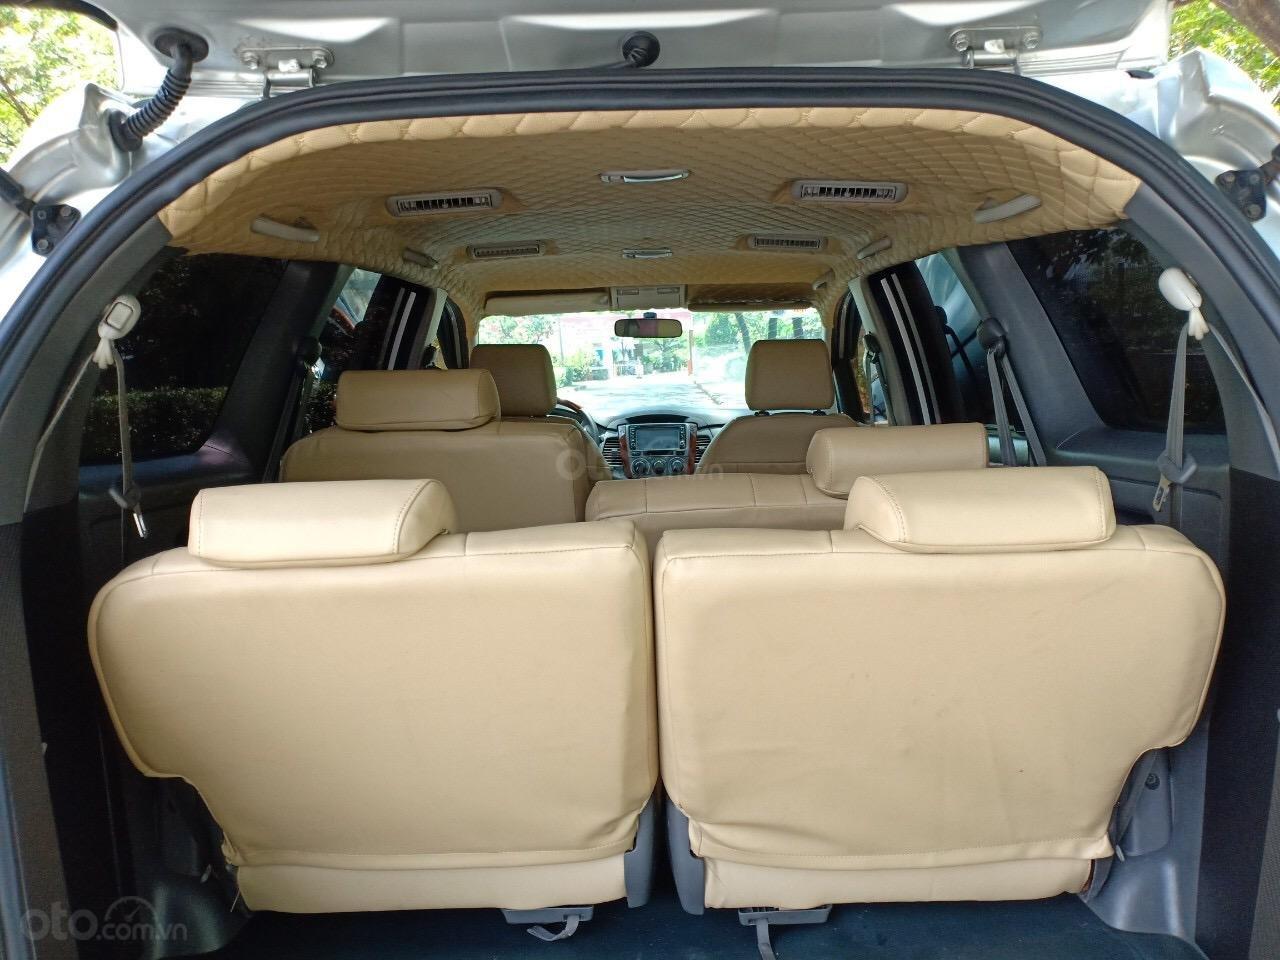 Cần bán xe Toyota Innova 2.0E sản xuất năm 2012, xe ông lão đi nay bán lại 455 triệu-4